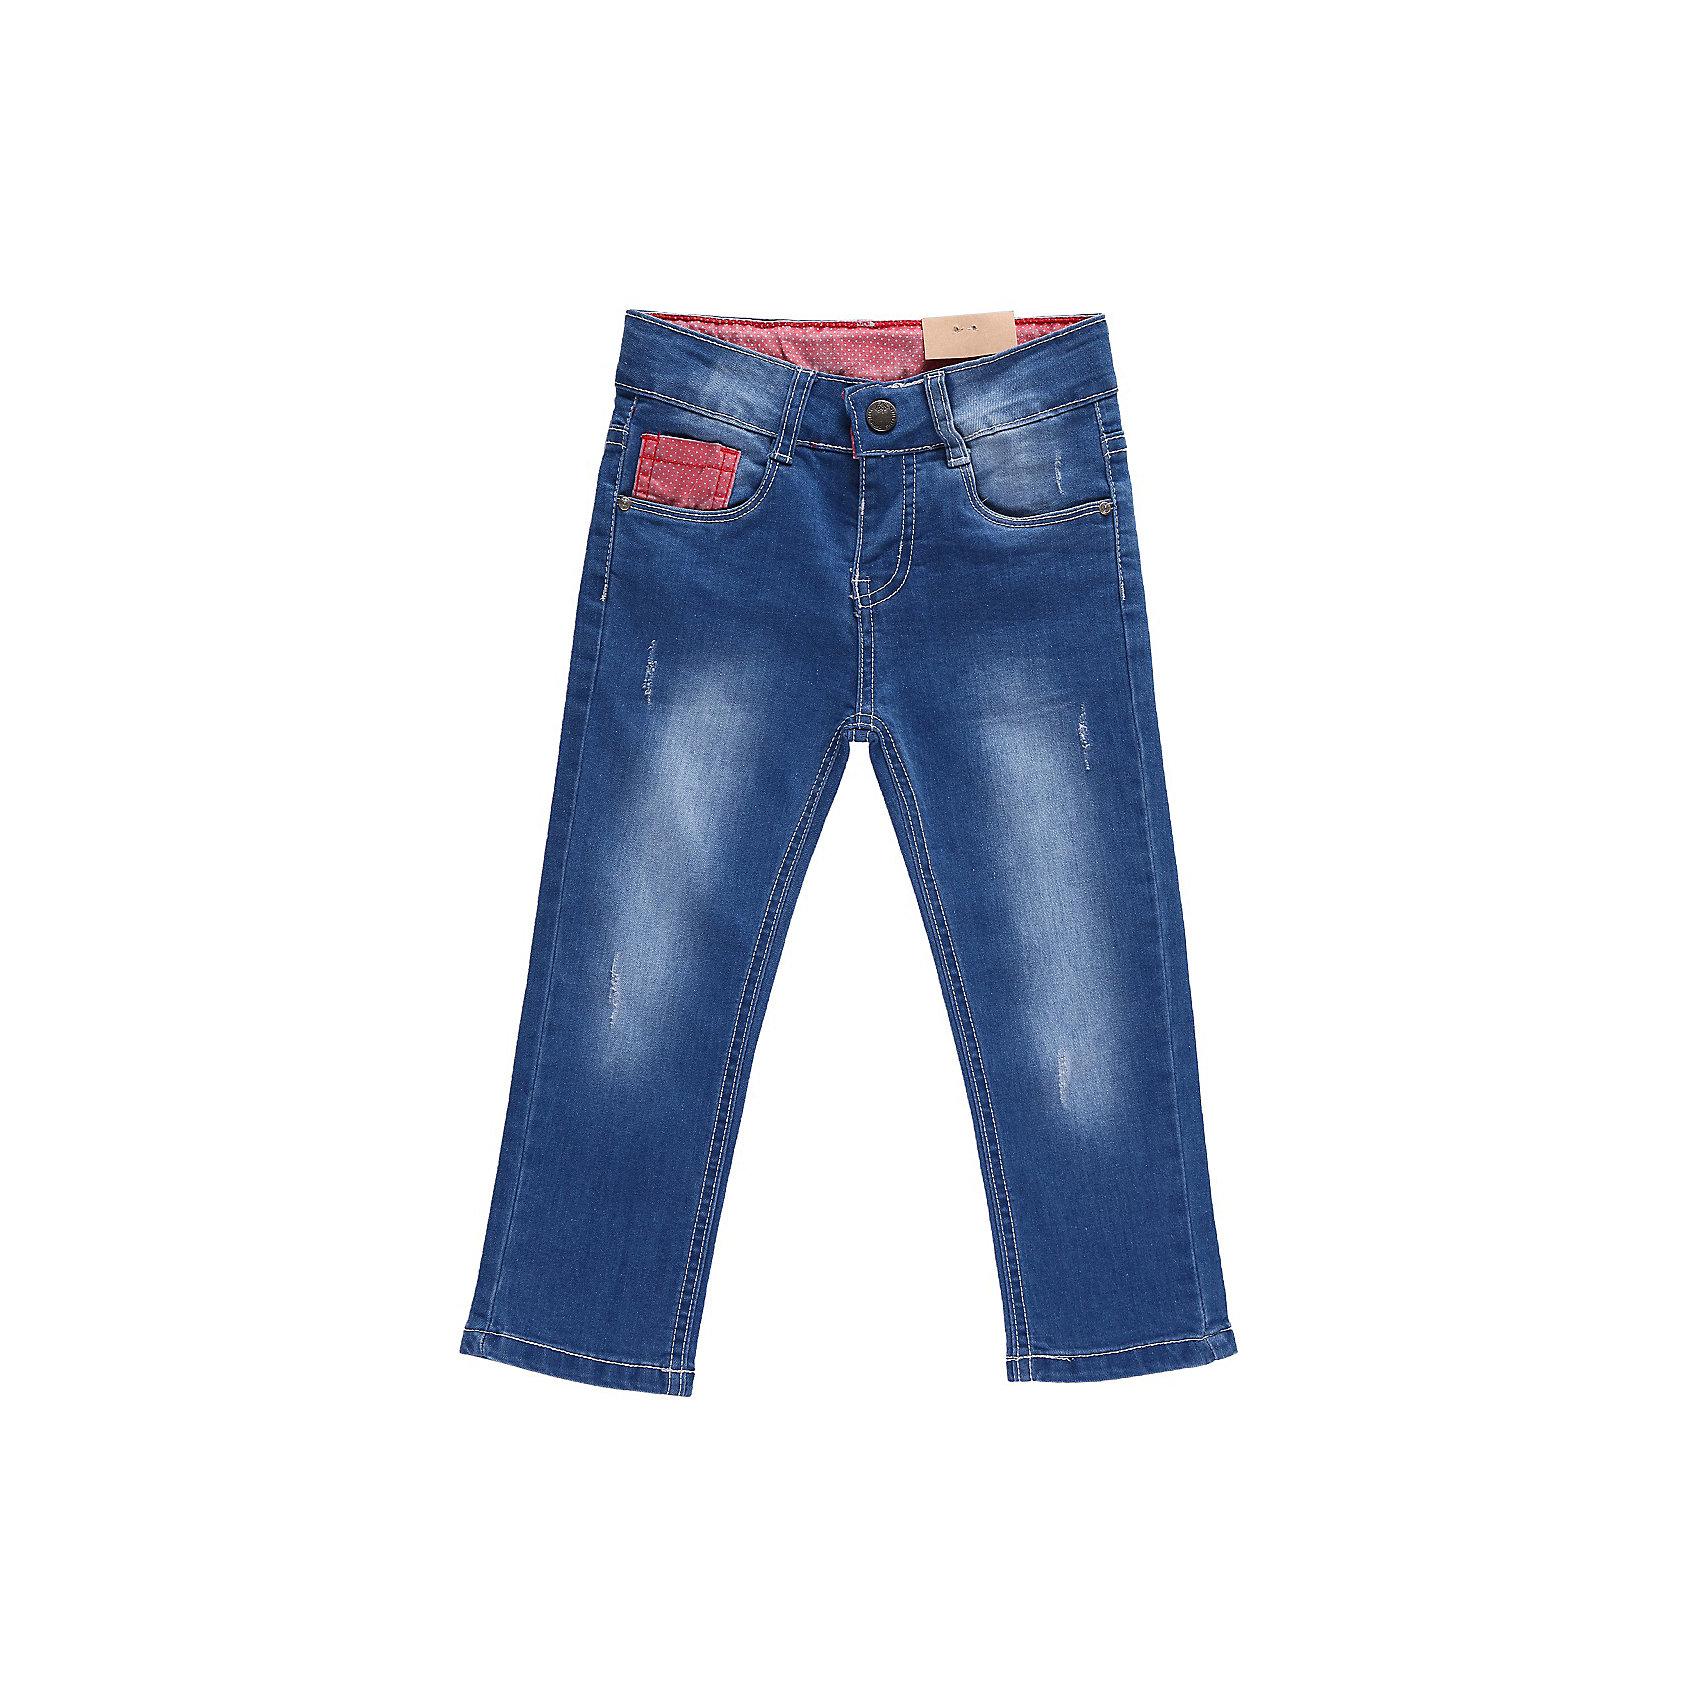 Джинсы для девочки Sweet BerryДжинсовая одежда<br>Джинсы с контрастной отделкой и регулировкой внутри на поясе. Застежка - крючок, очень удобна для маленьких.<br>Состав:<br>98% хлопок, 2% эластан<br><br>Ширина мм: 215<br>Глубина мм: 88<br>Высота мм: 191<br>Вес г: 336<br>Цвет: голубой<br>Возраст от месяцев: 18<br>Возраст до месяцев: 24<br>Пол: Женский<br>Возраст: Детский<br>Размер: 92,86,98,80<br>SKU: 4520318